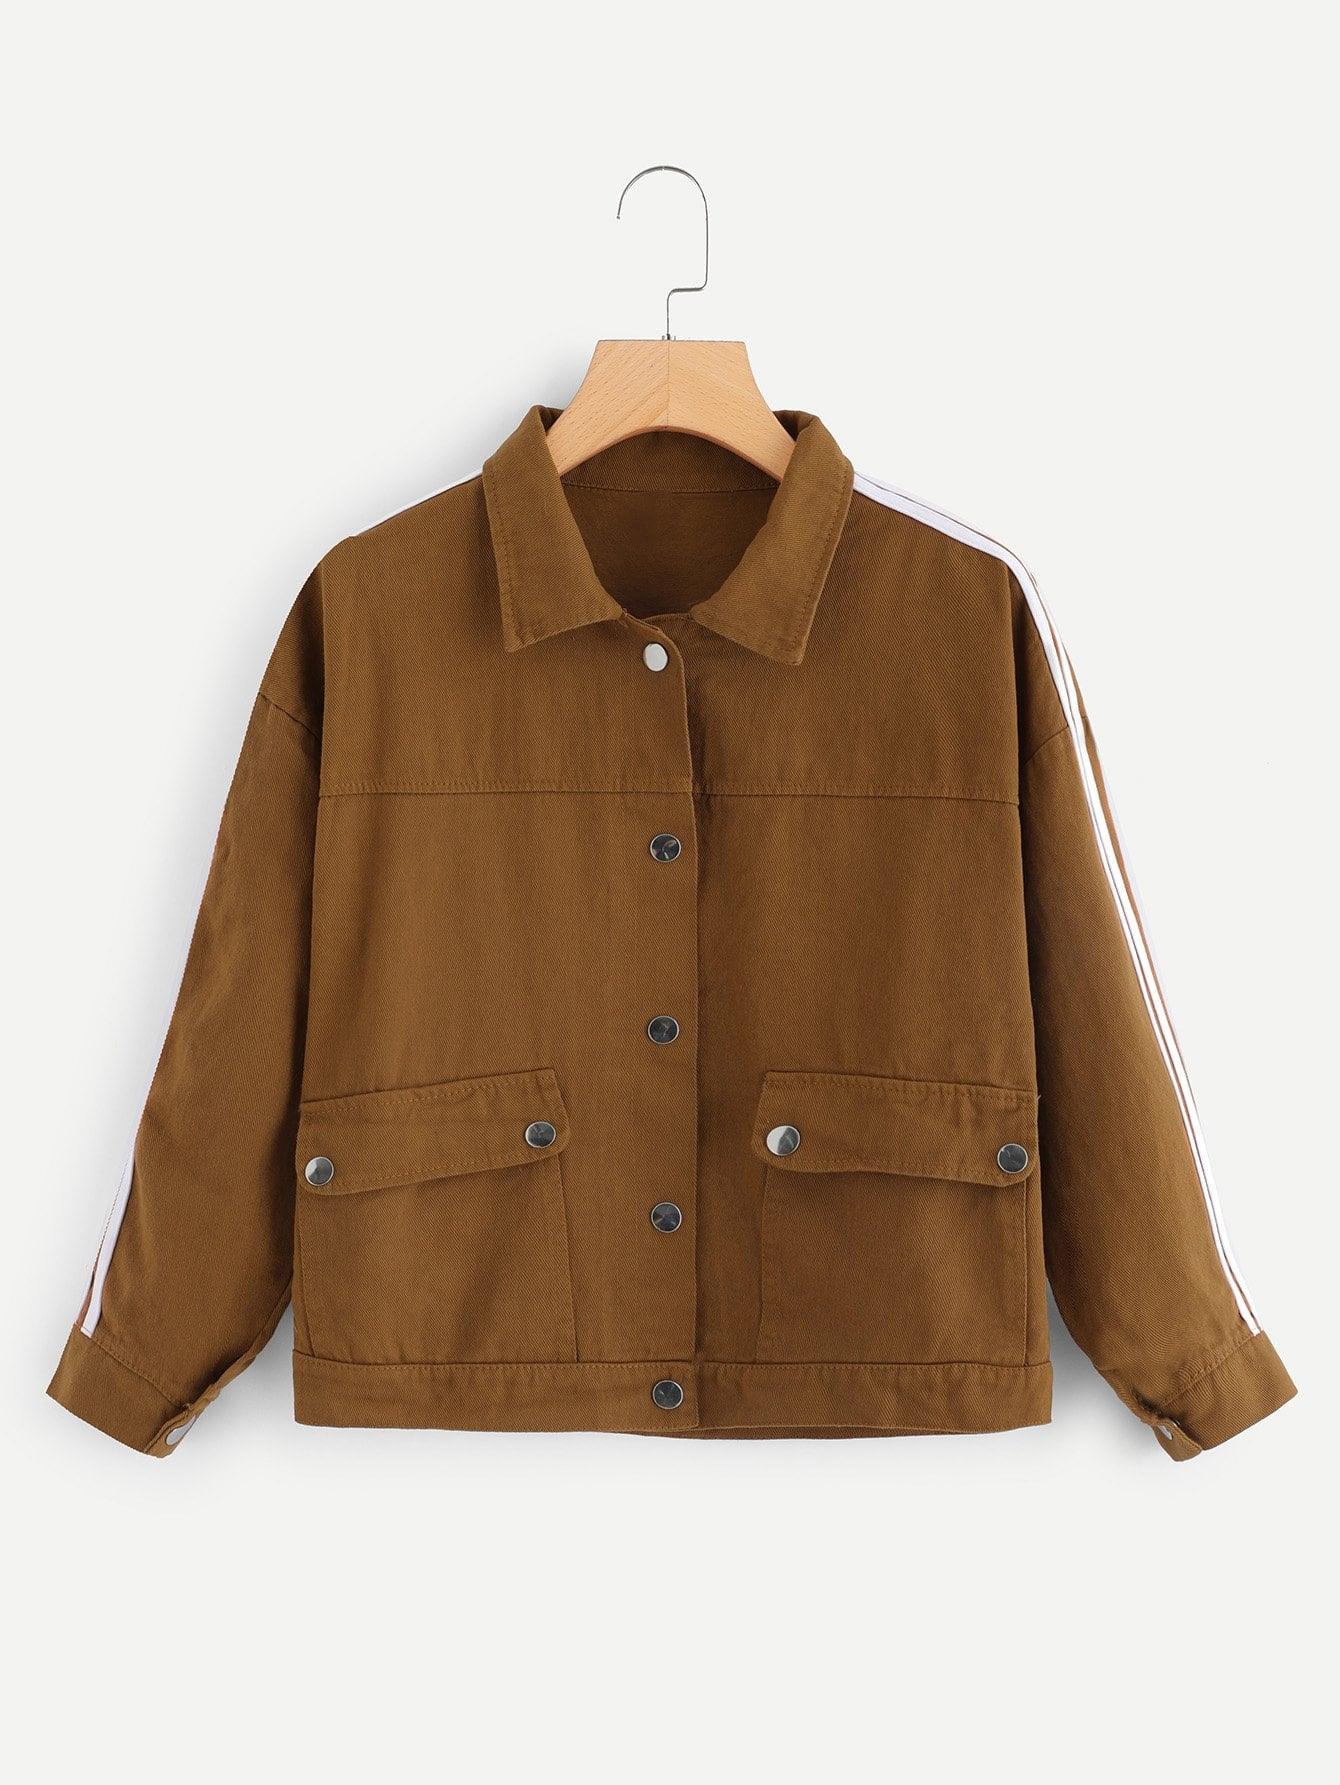 Купить Повседневный Полосатый с карманами Коричневый Джинсовые куртки, null, SheIn